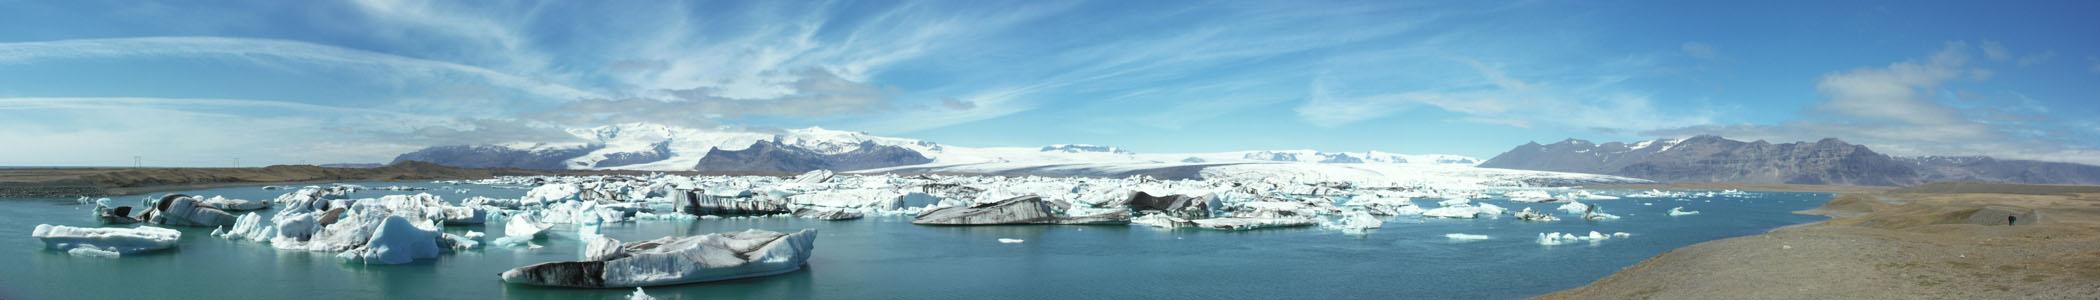 Voyage Islande En Ete